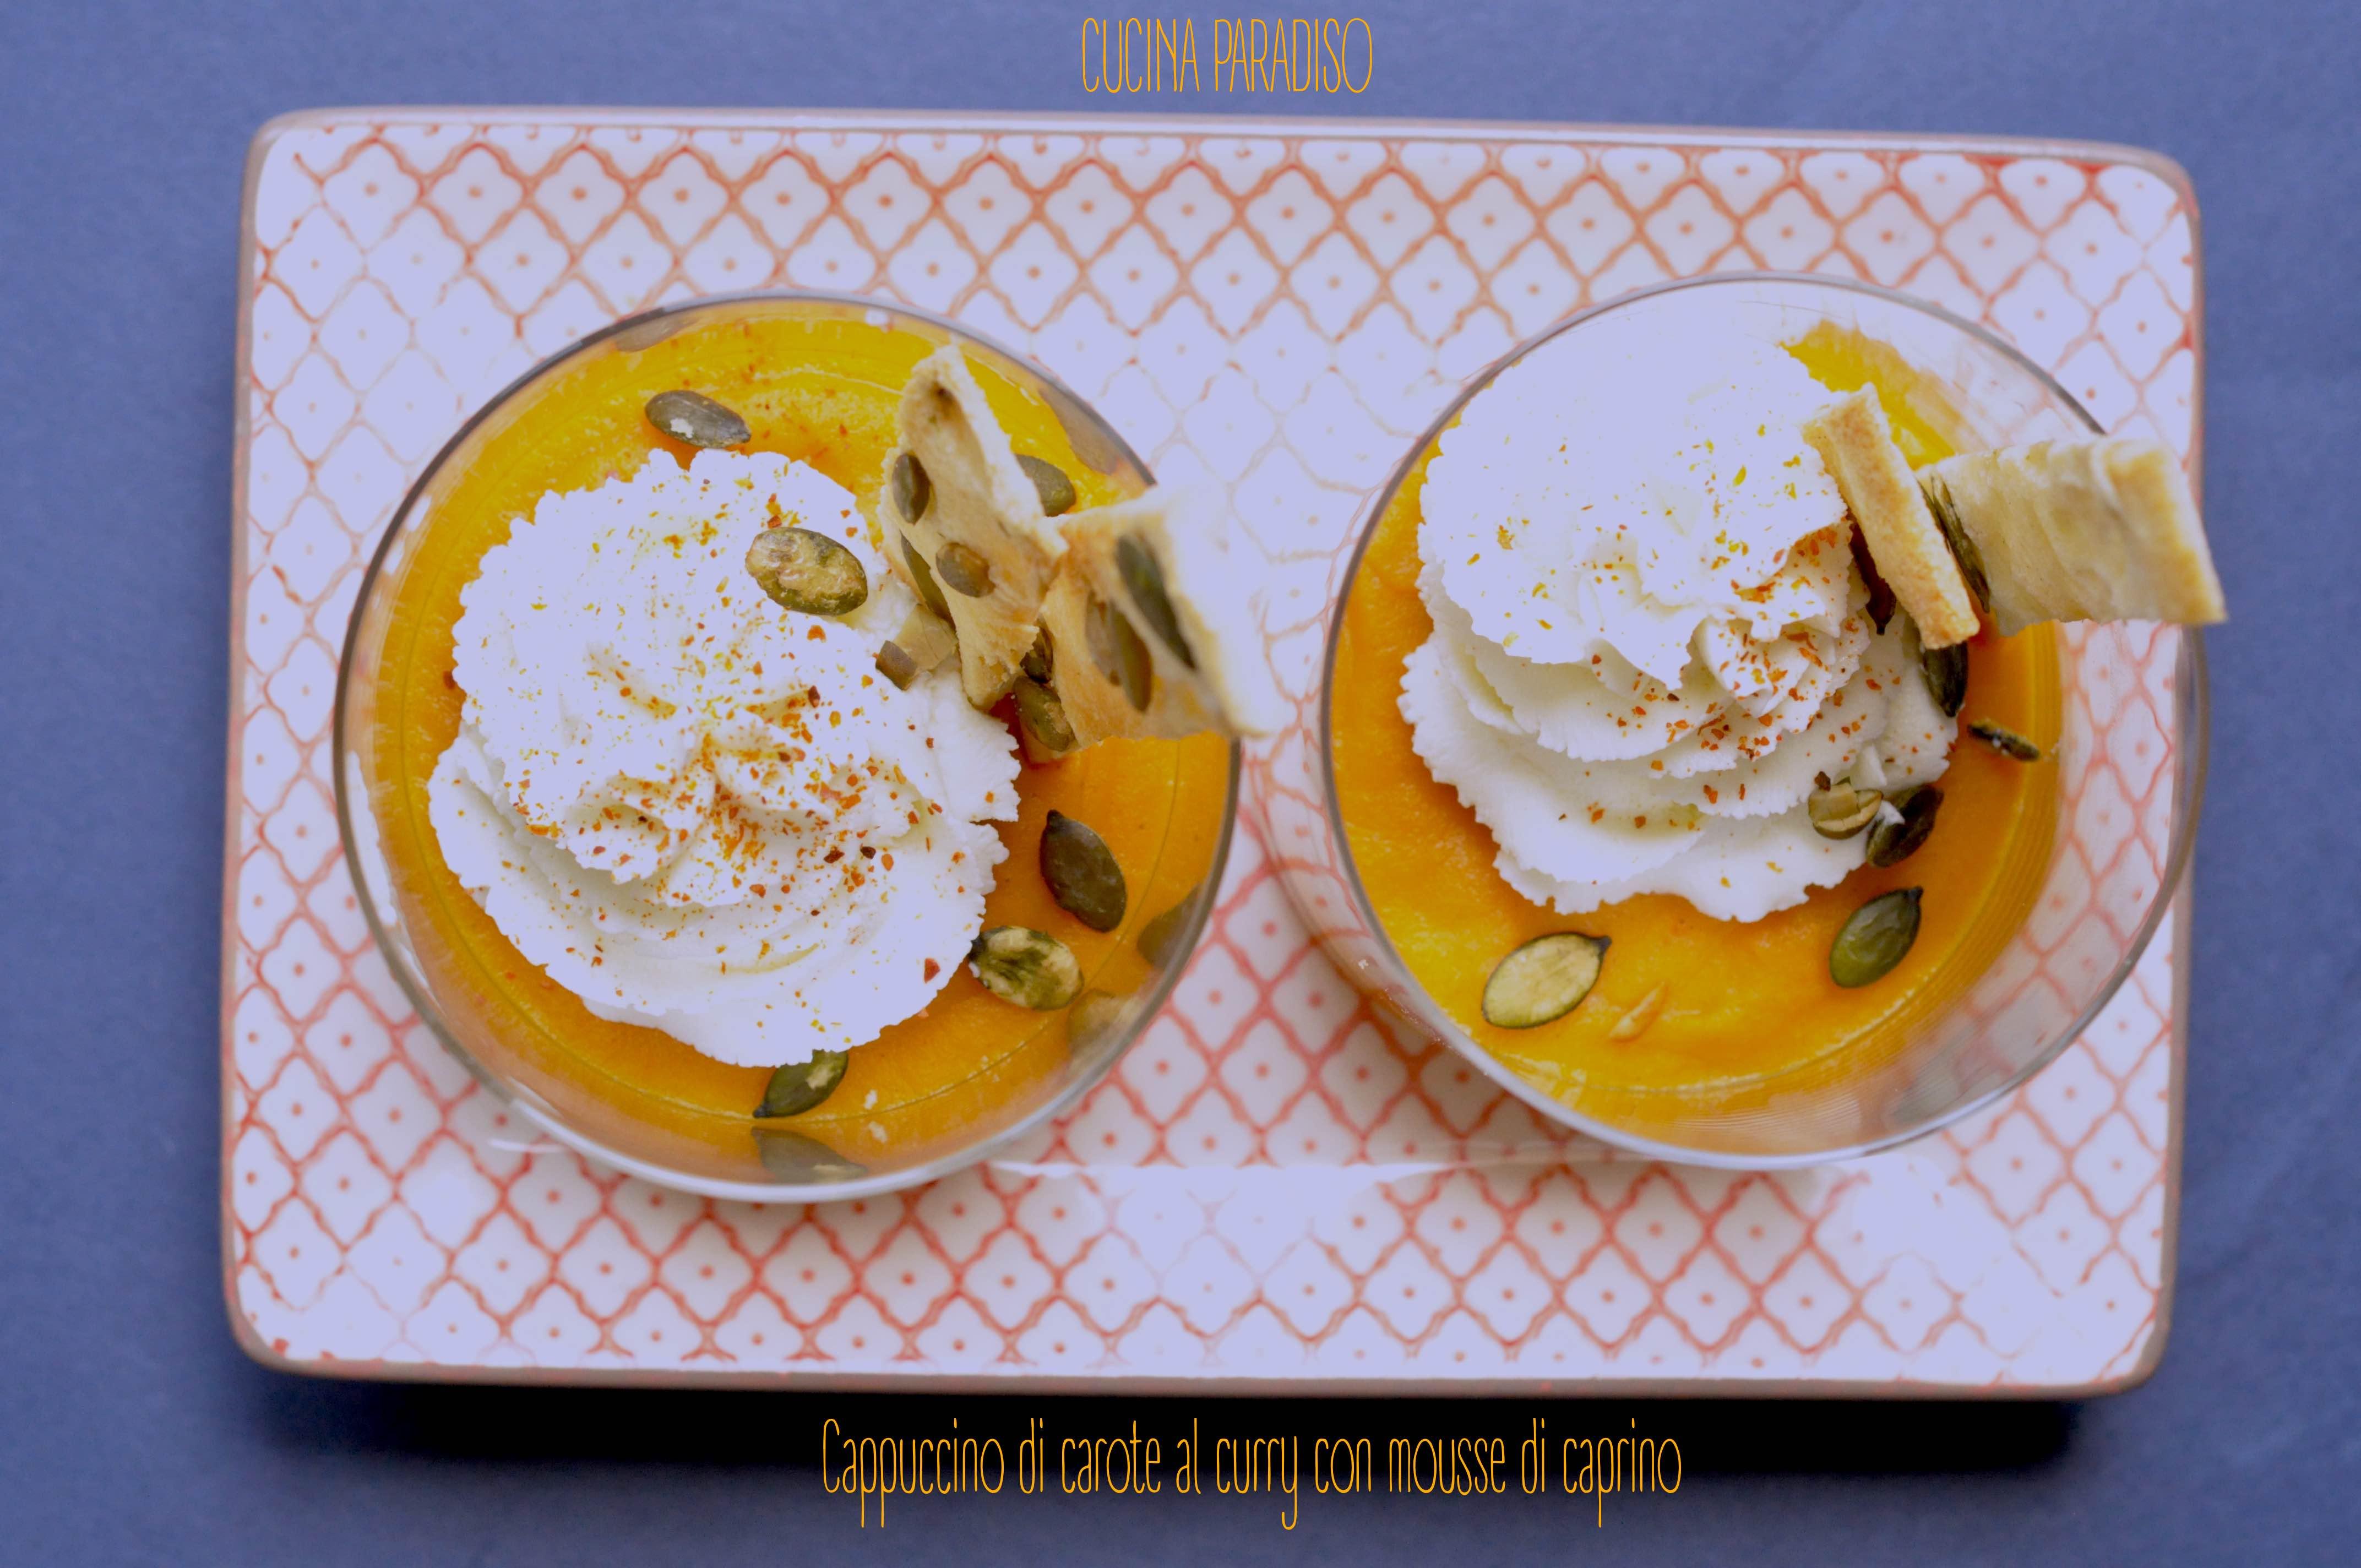 cappuccino-di-carote-al-curry-con-mousse-di-caprinocappuccino-di-carote-al-curry-con-mousse-di-caprino3